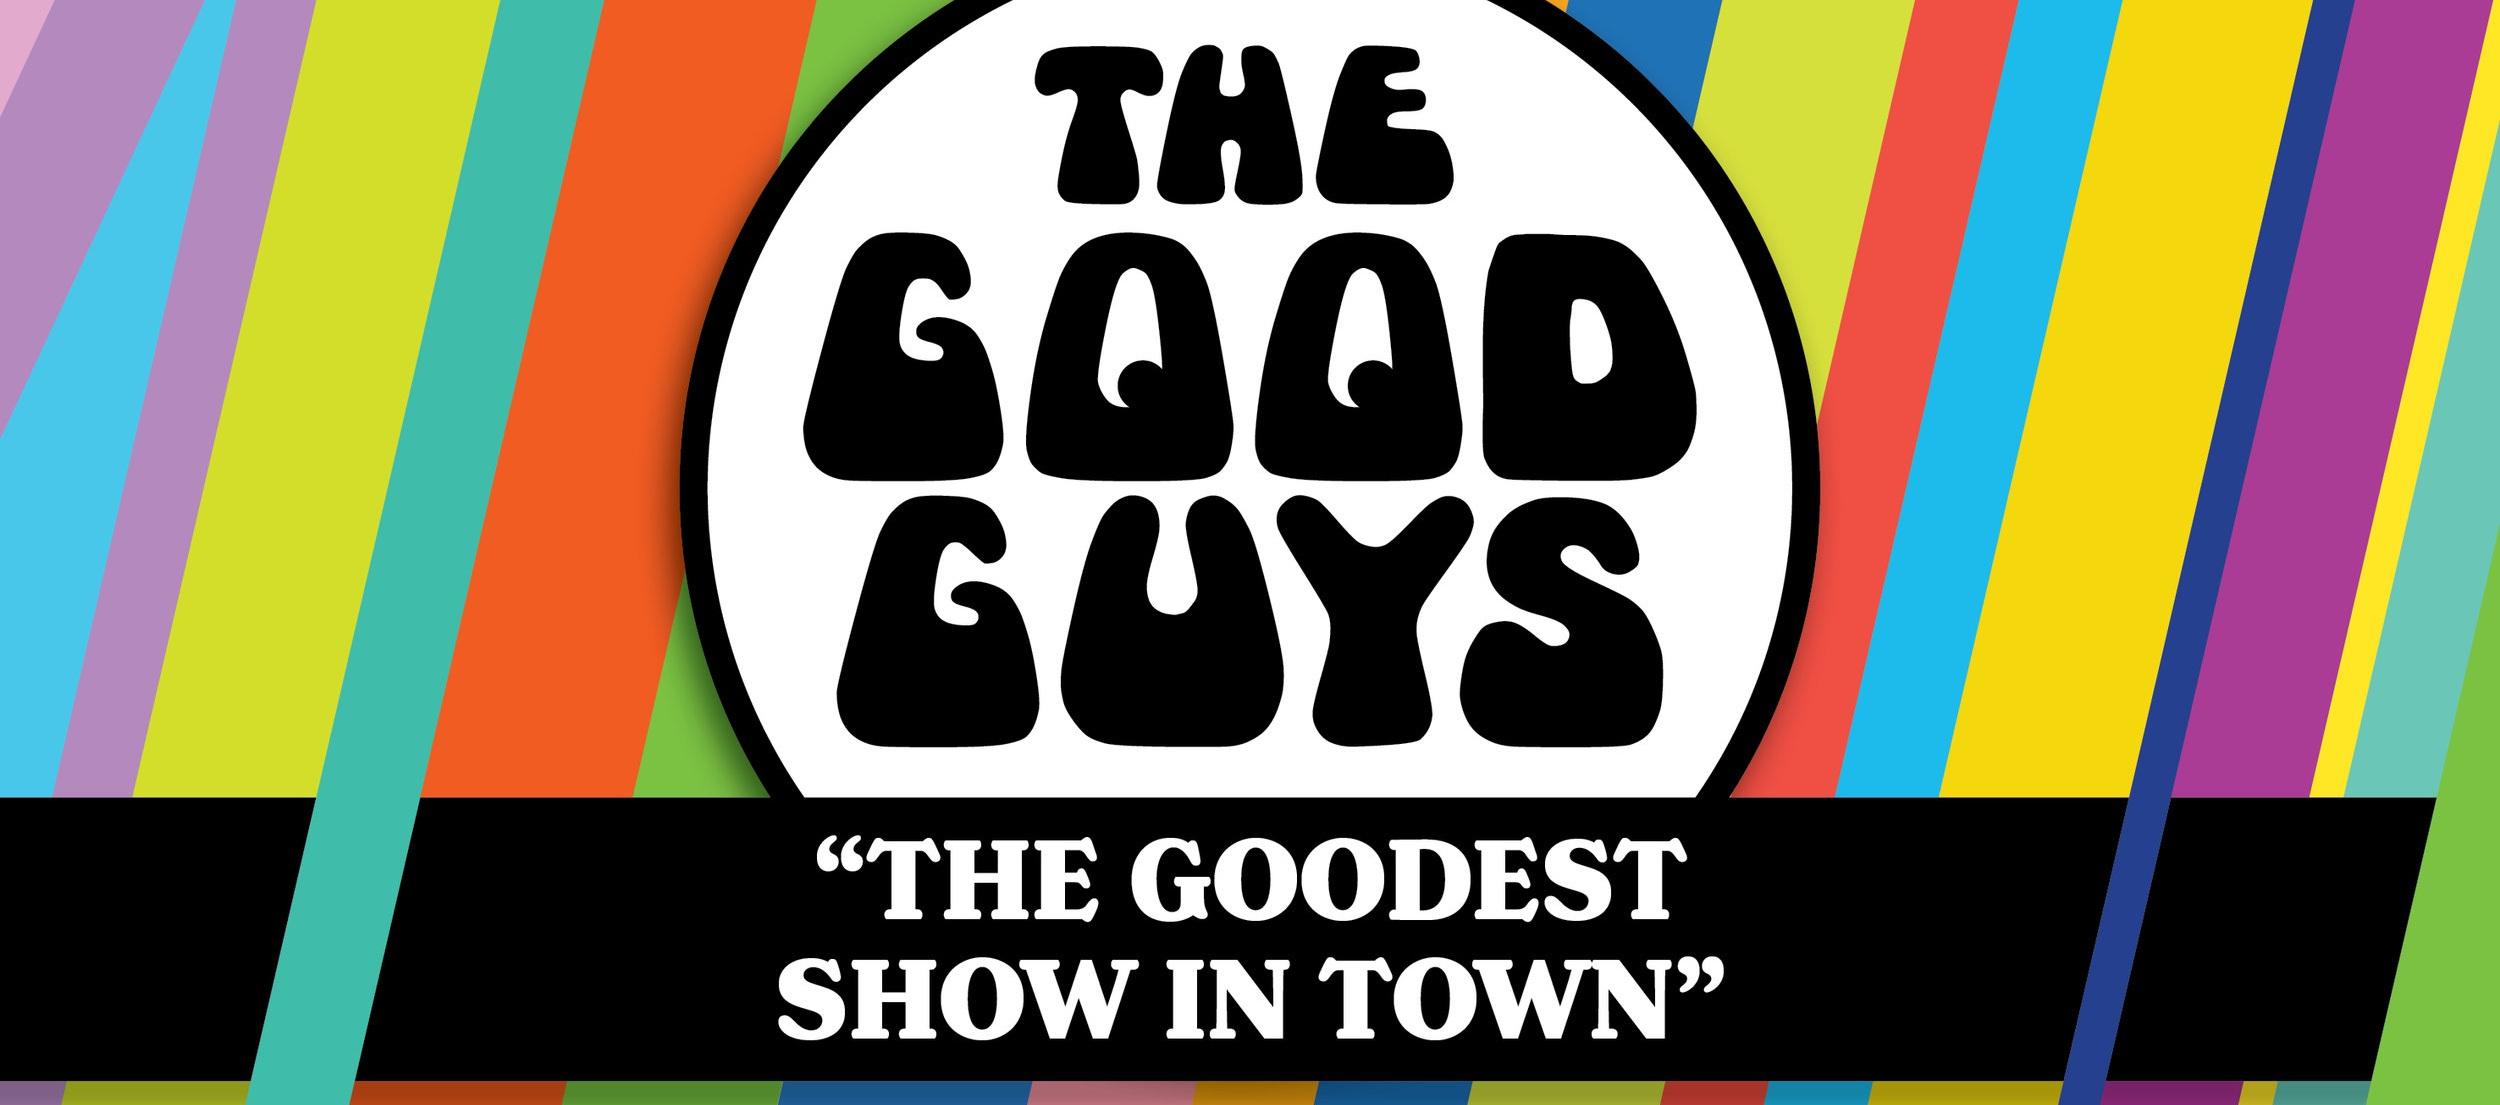 The_Good_Guys+2019+website.jpg